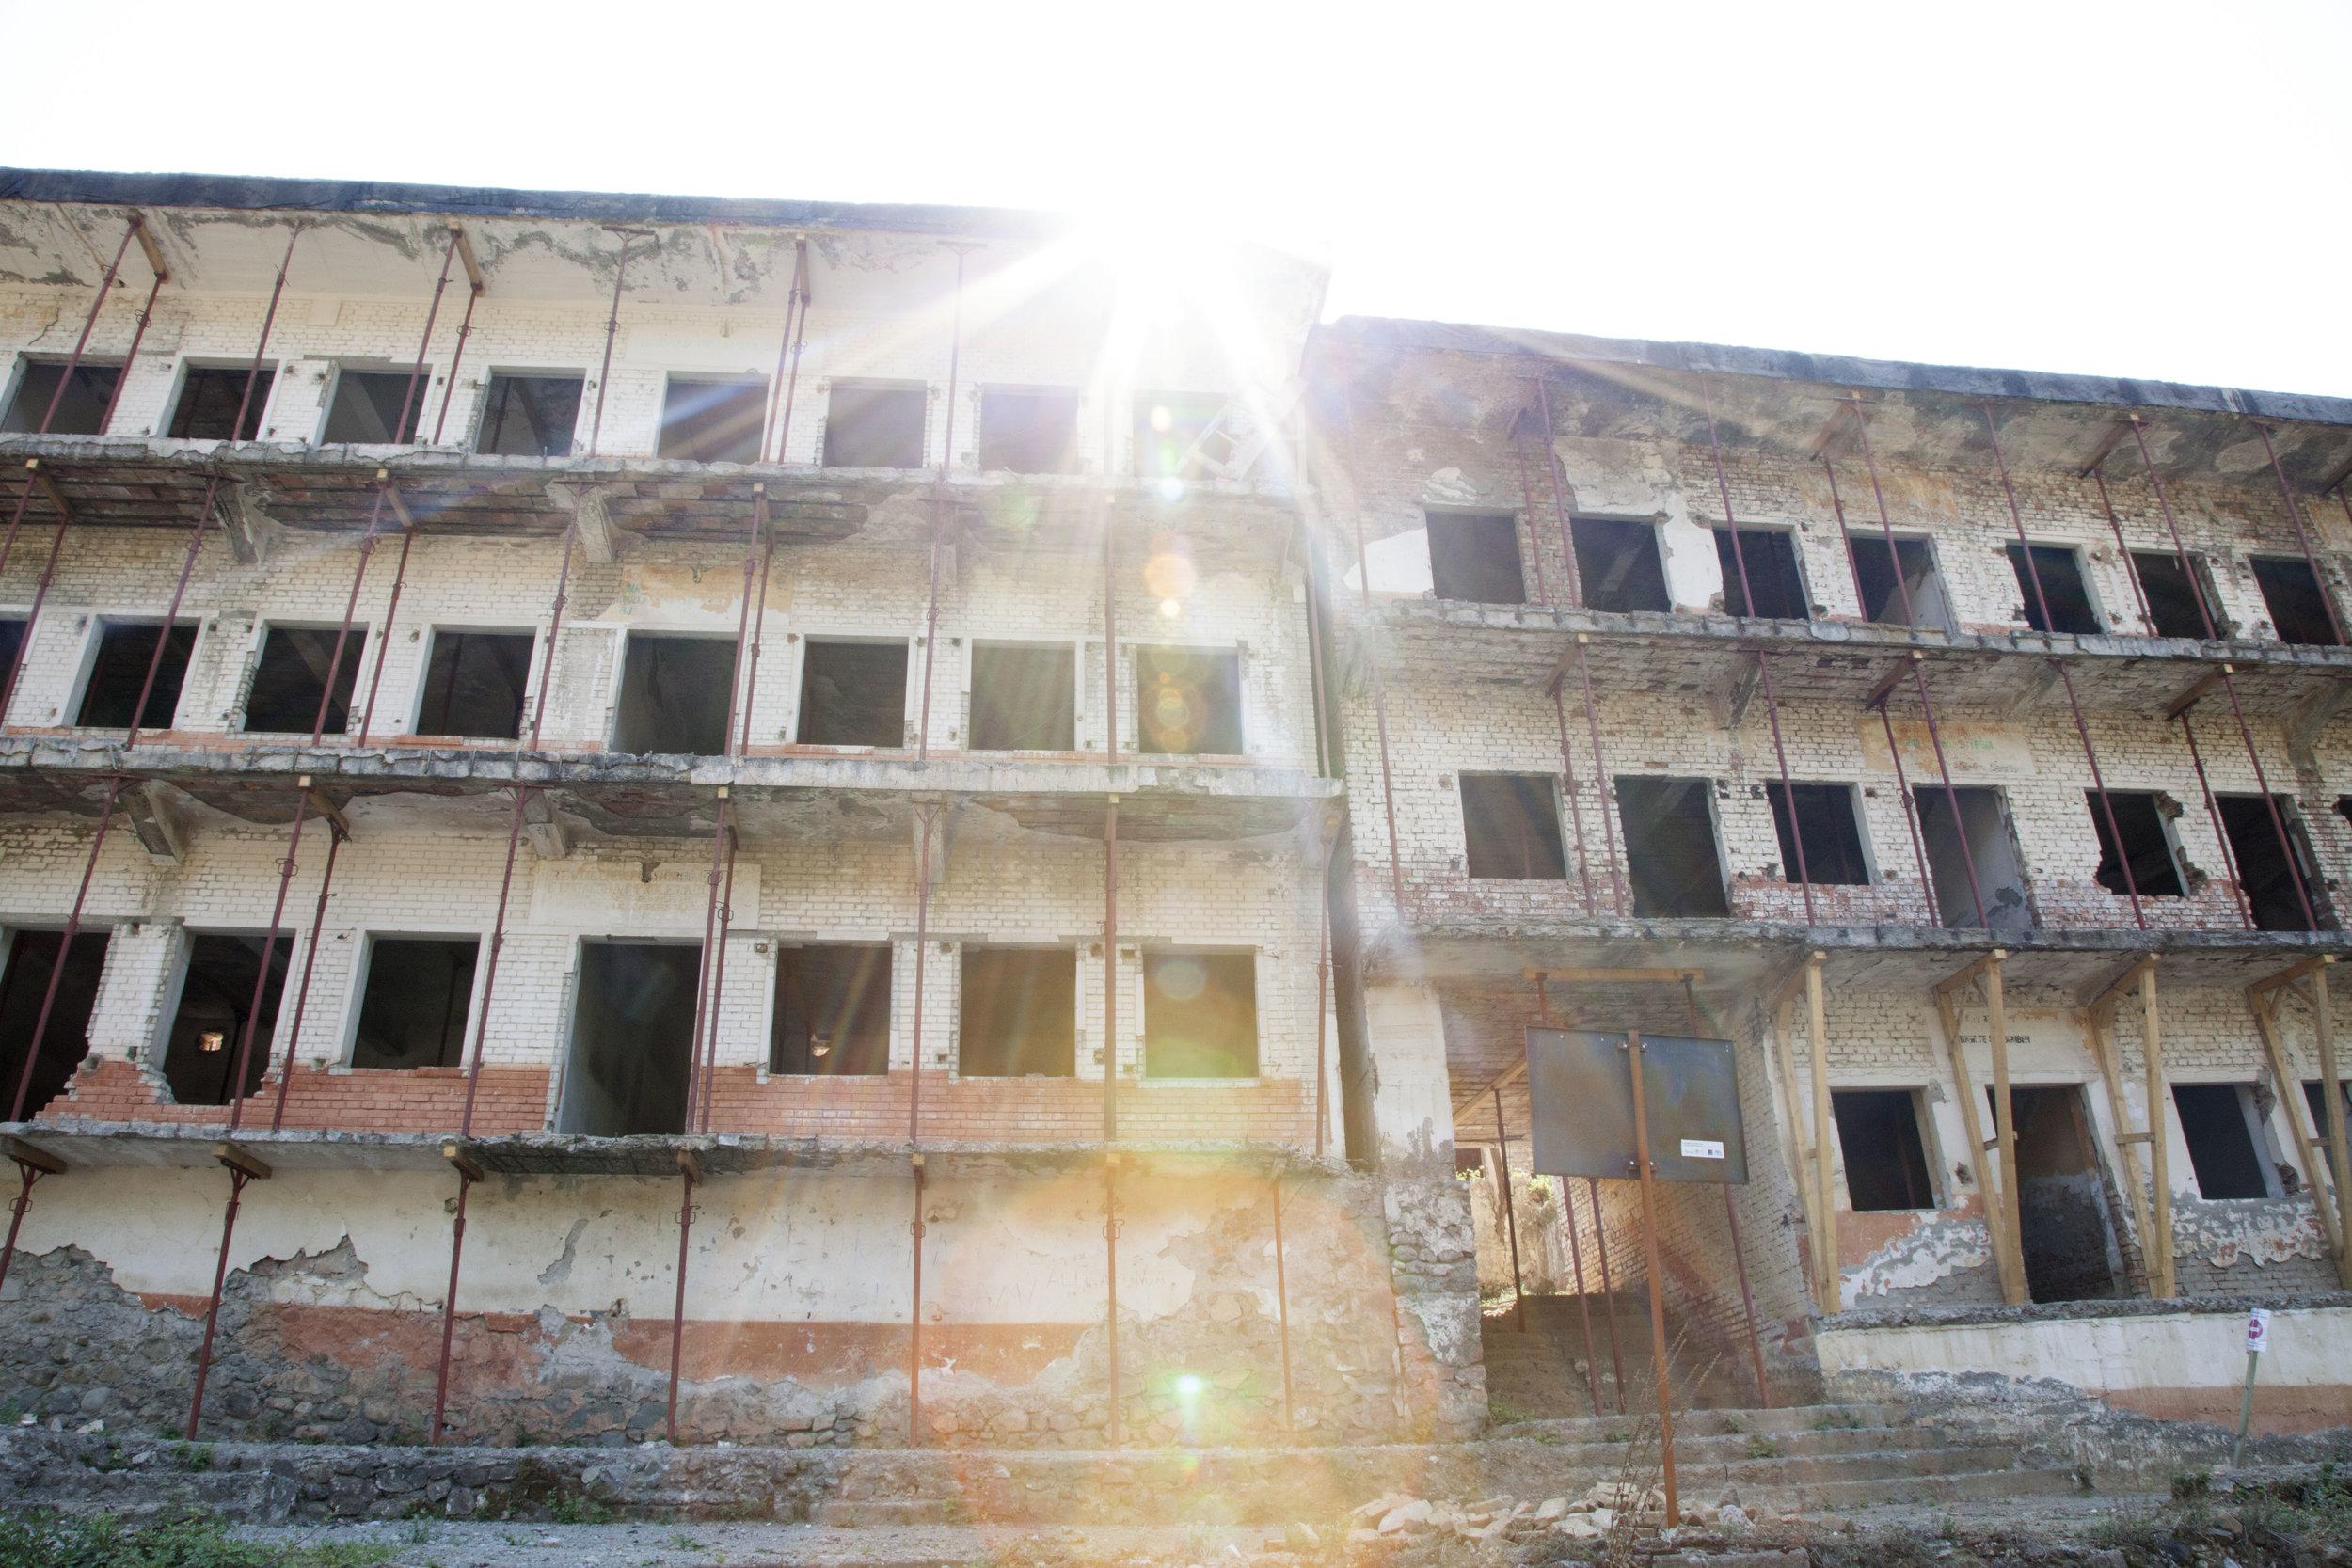 Il carcere per dissidenti di Spac, a nord di Tirana.